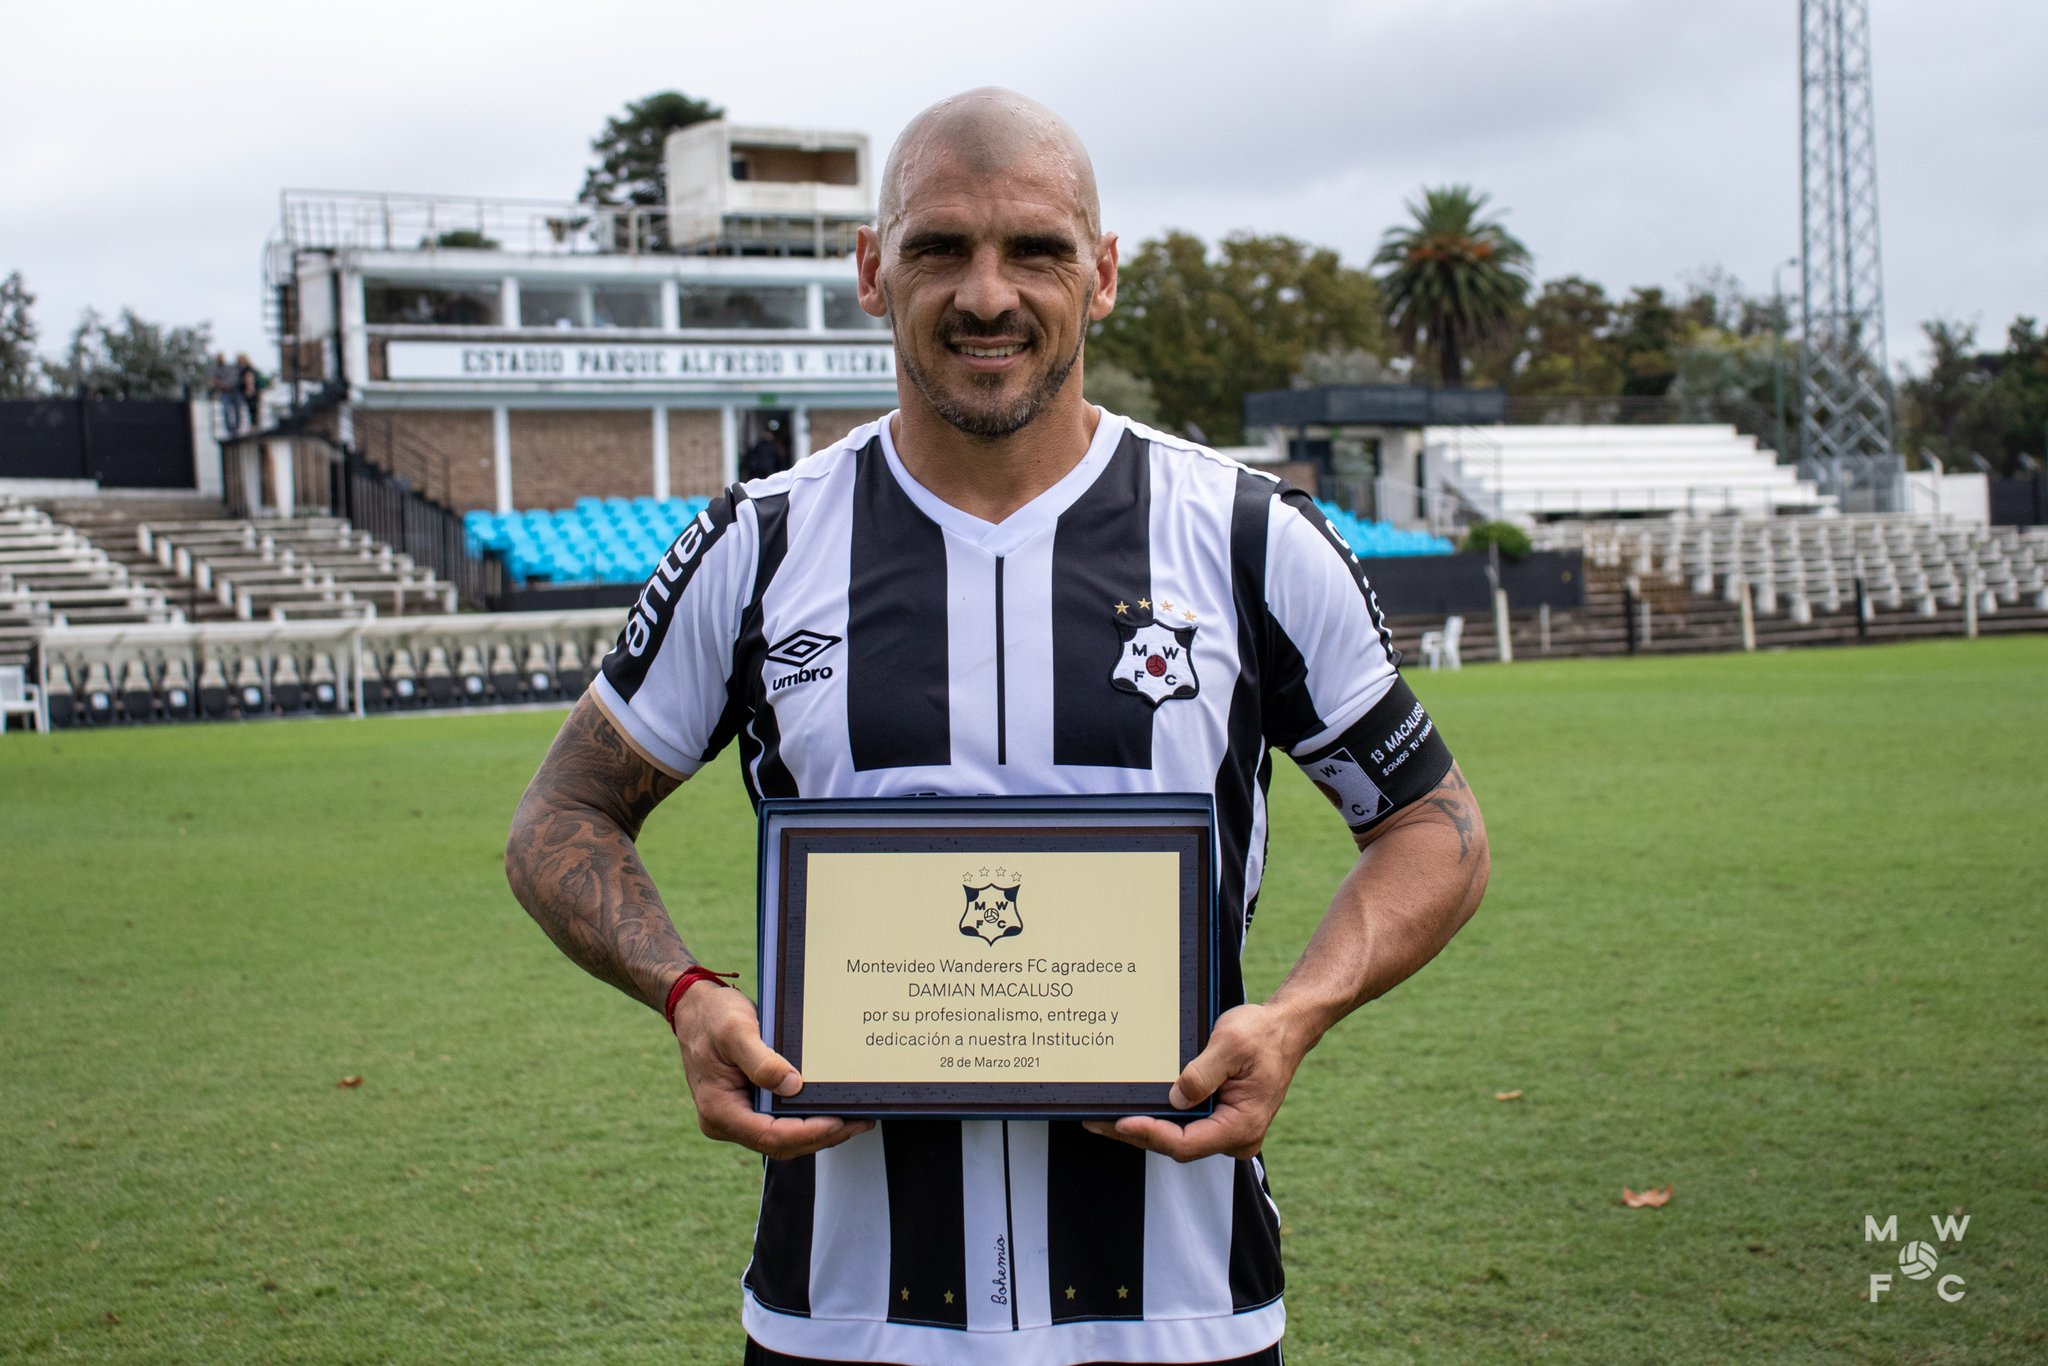 El uruguayo Damián Macaluso decidió ponerle fin a su carrera como futbolista activo el lunes anterior. El charrúa fue campeón con Cobán Imperial en 2004.